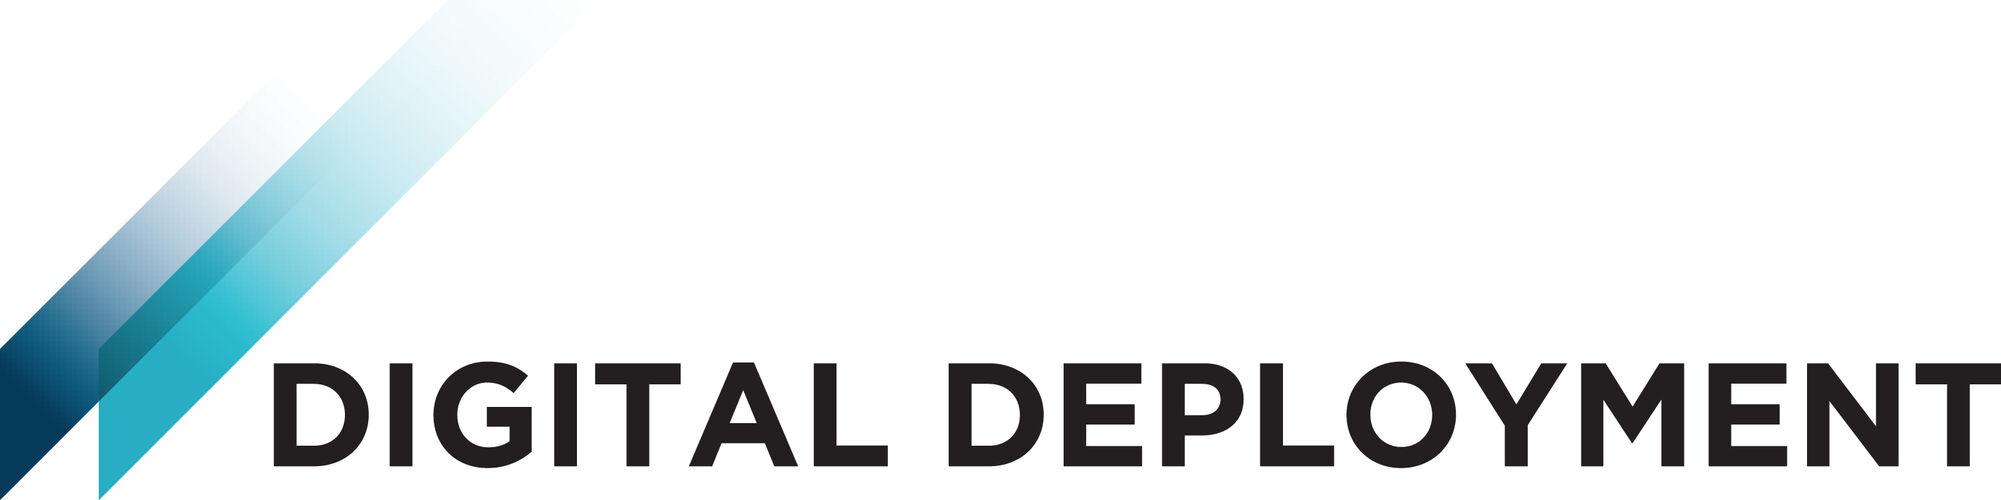 Digital Deployment